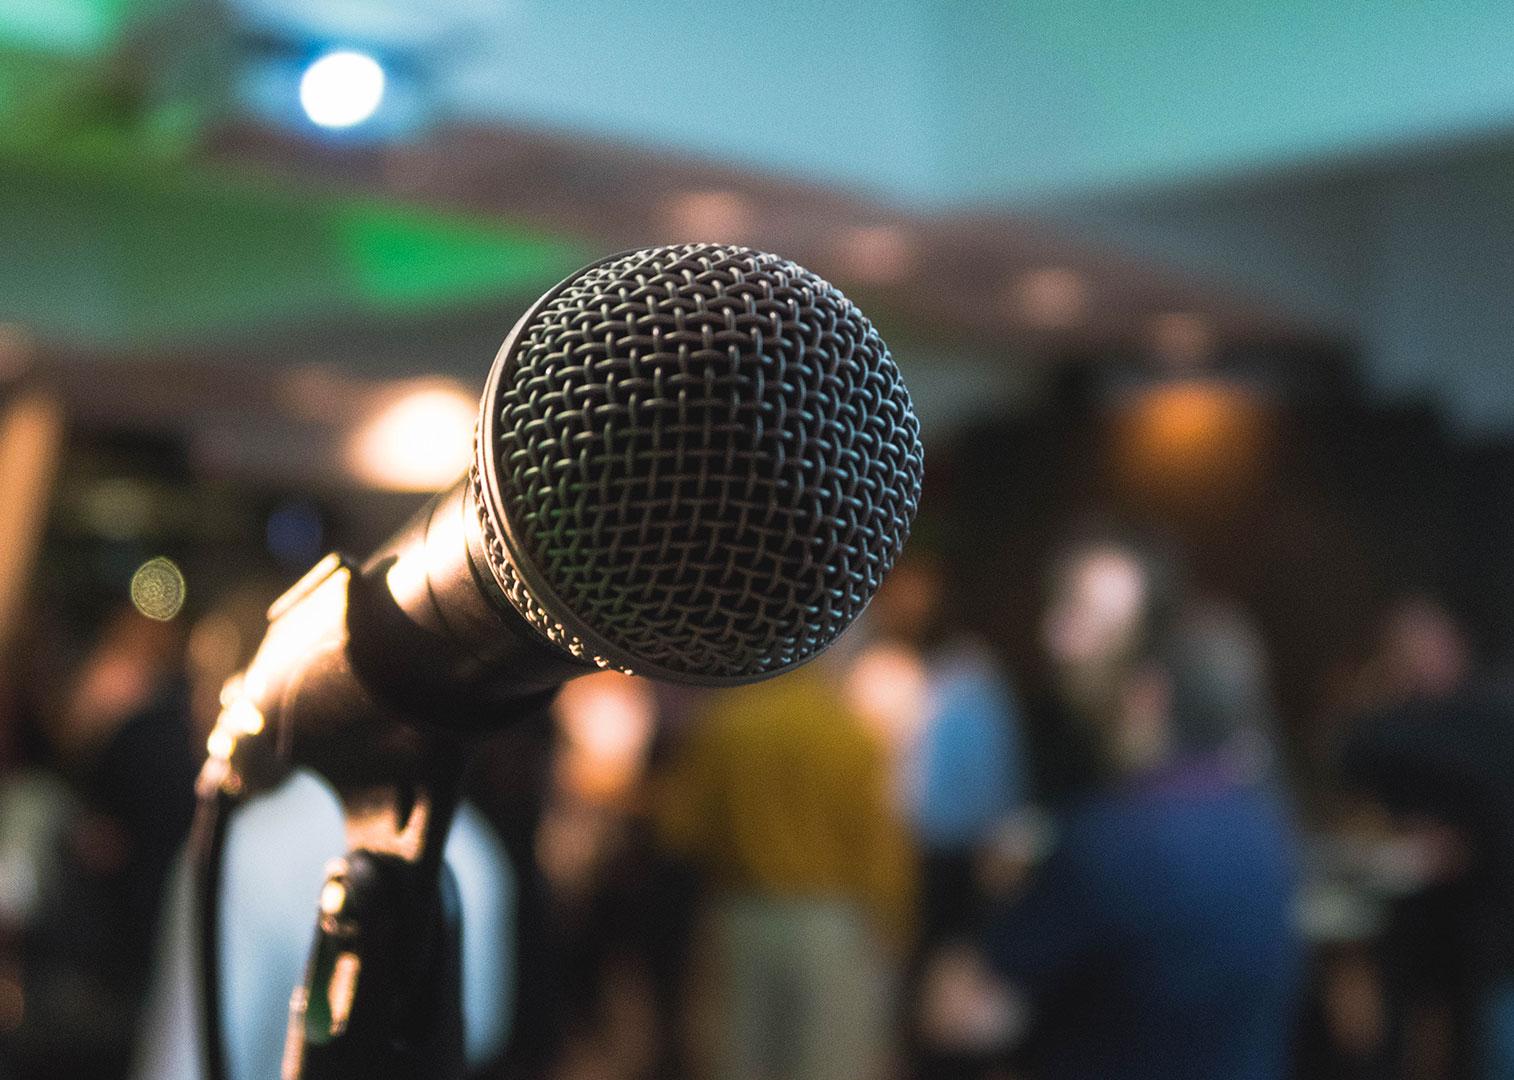 Tecniche-per-parlare-in-pubblico